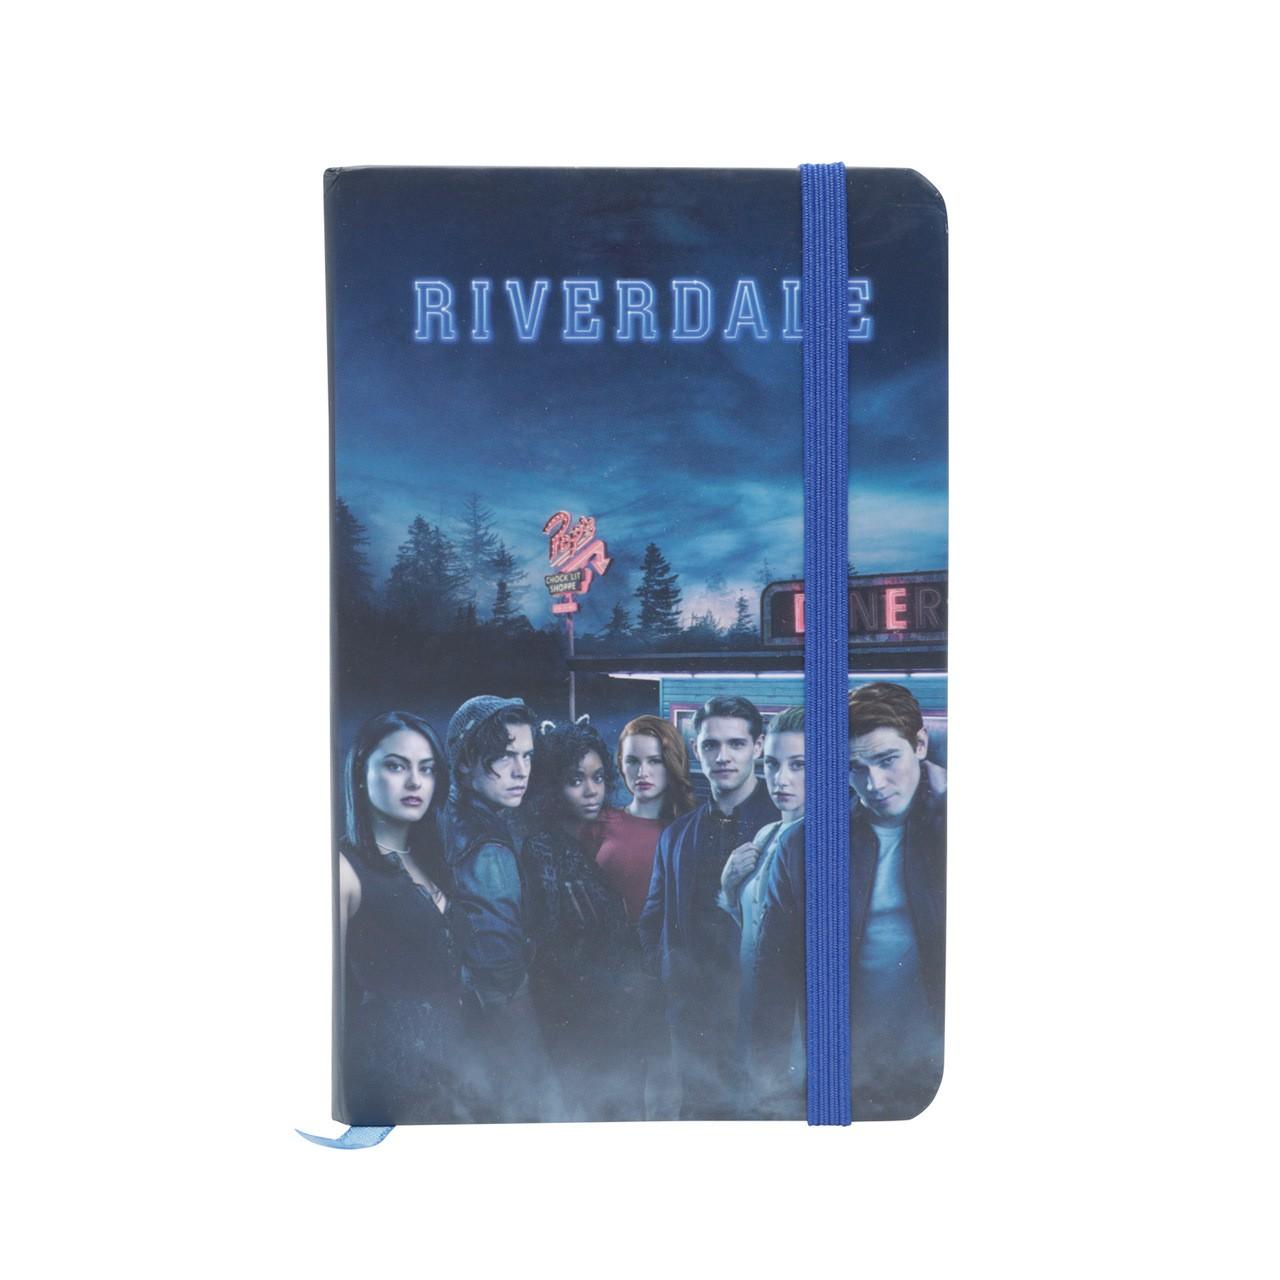 Caderneta de Anotação Riverdale (A6) - Urban